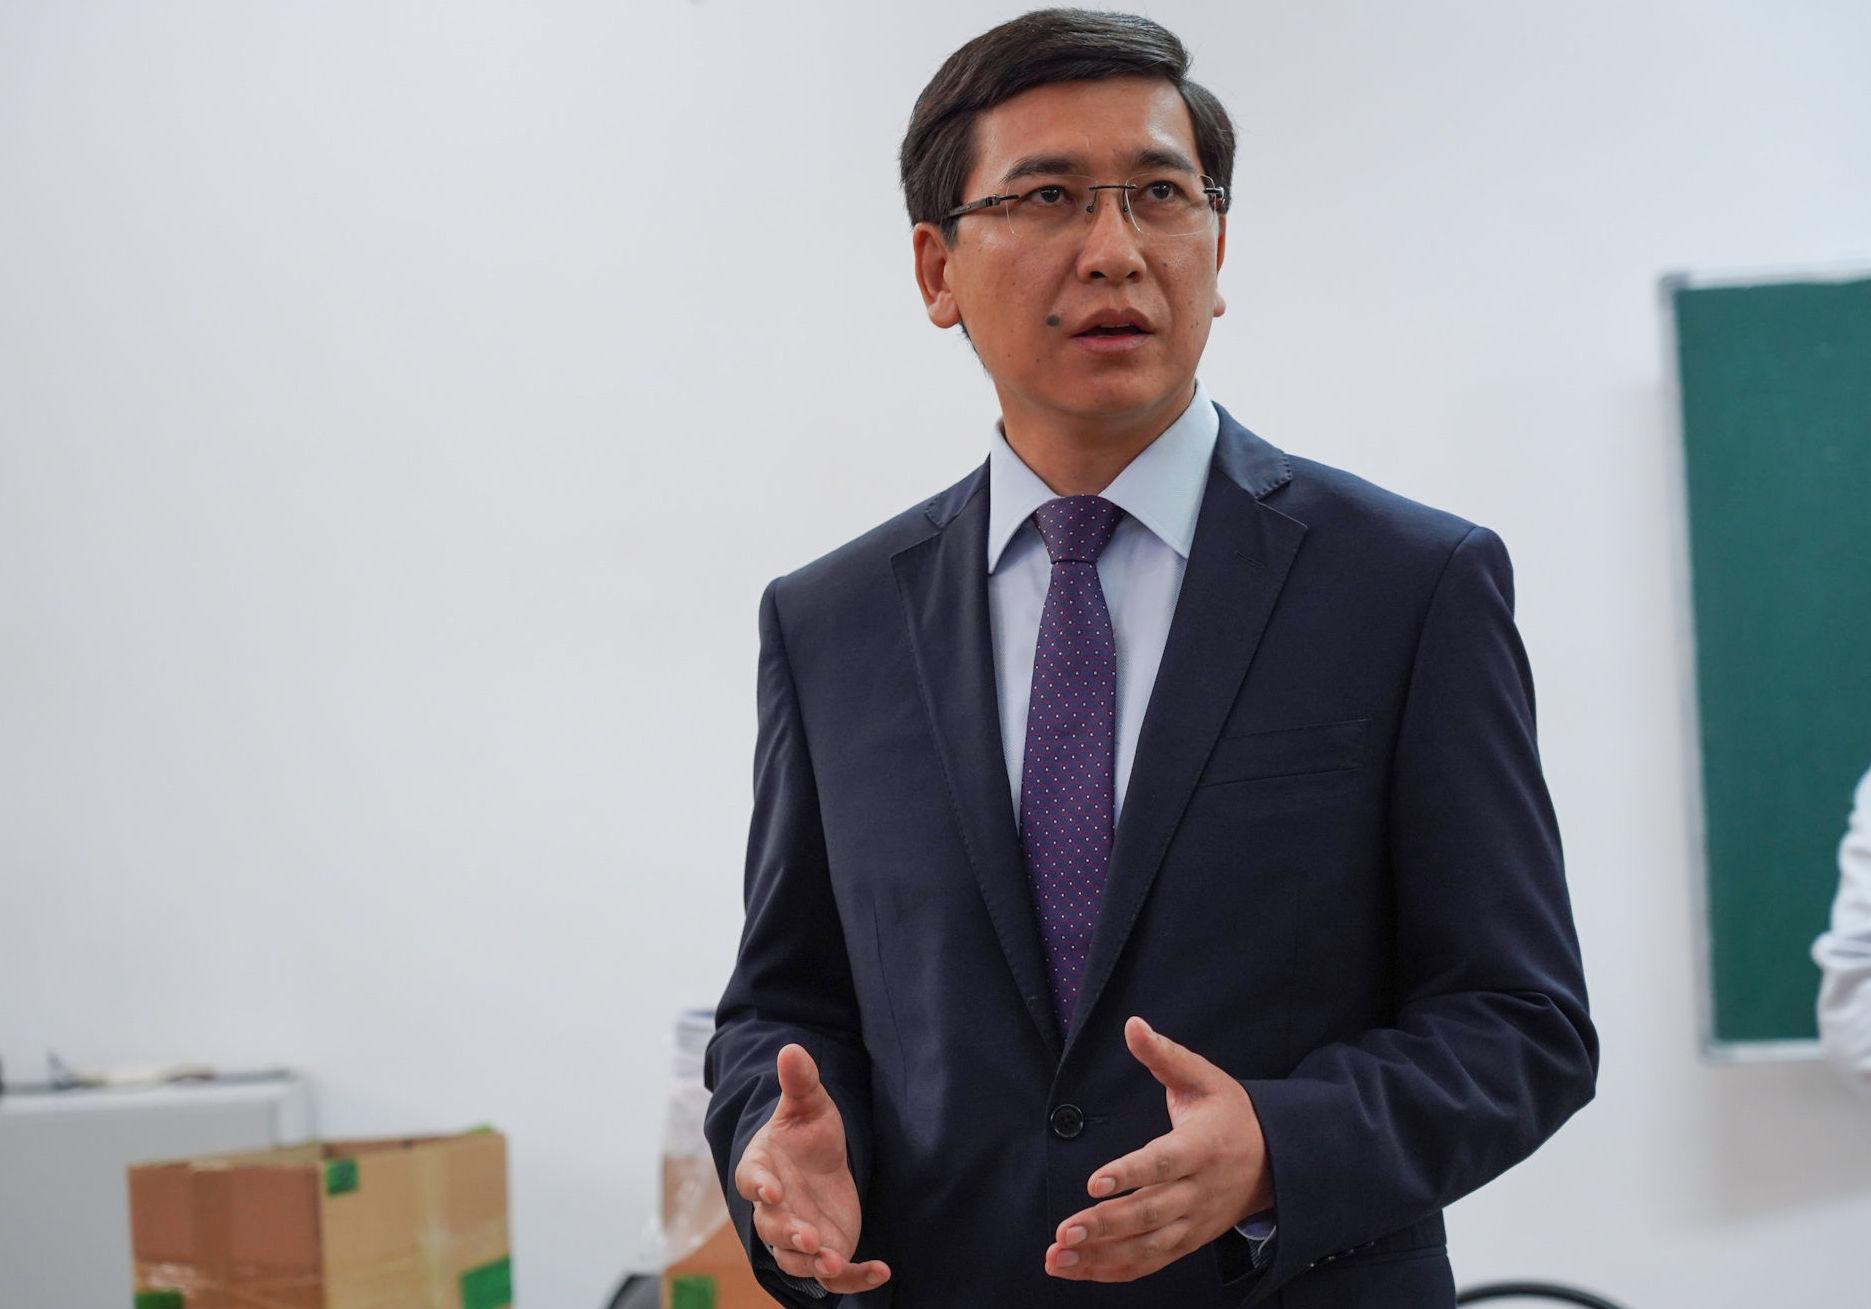 Министр образования и науки Казахстана Асхат Аймагамбетов перед началом ЕНТ 2019